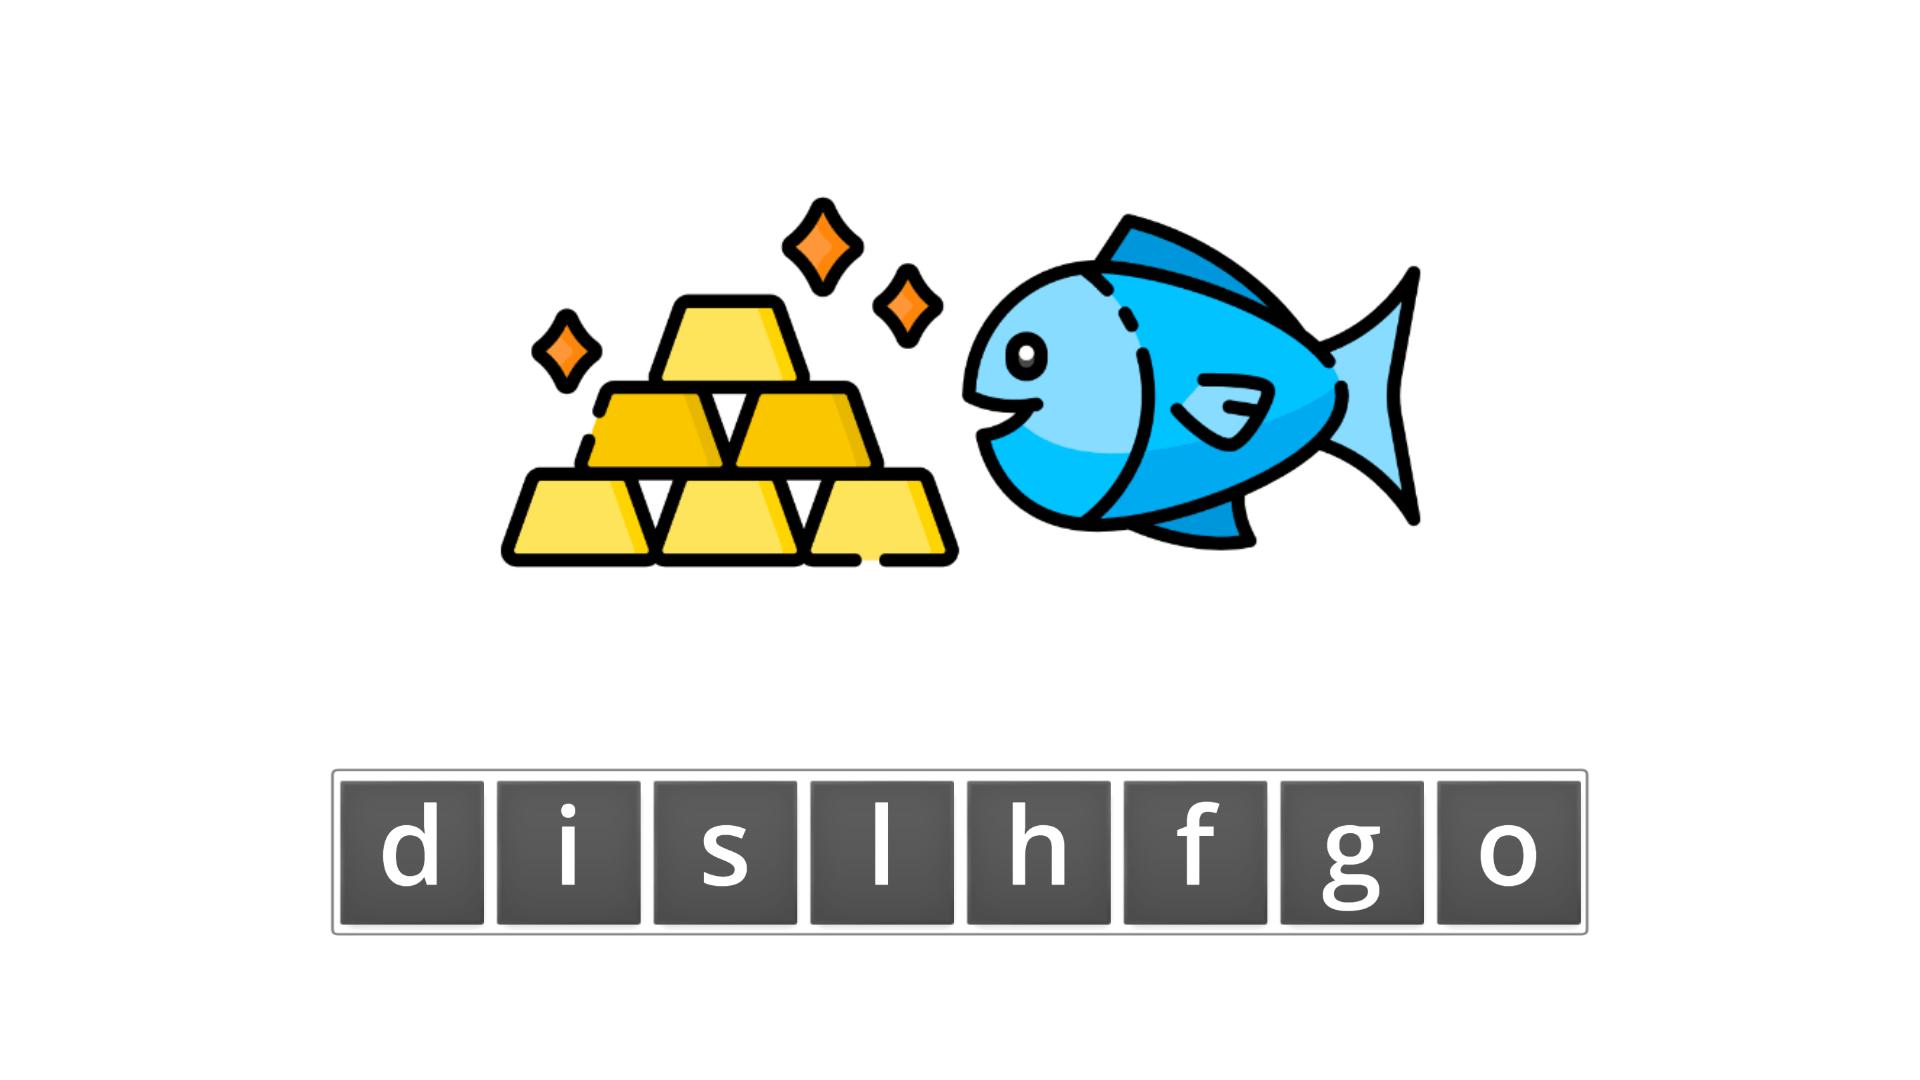 esl resources - flashcards - compound nouns - unscramble - goldfish